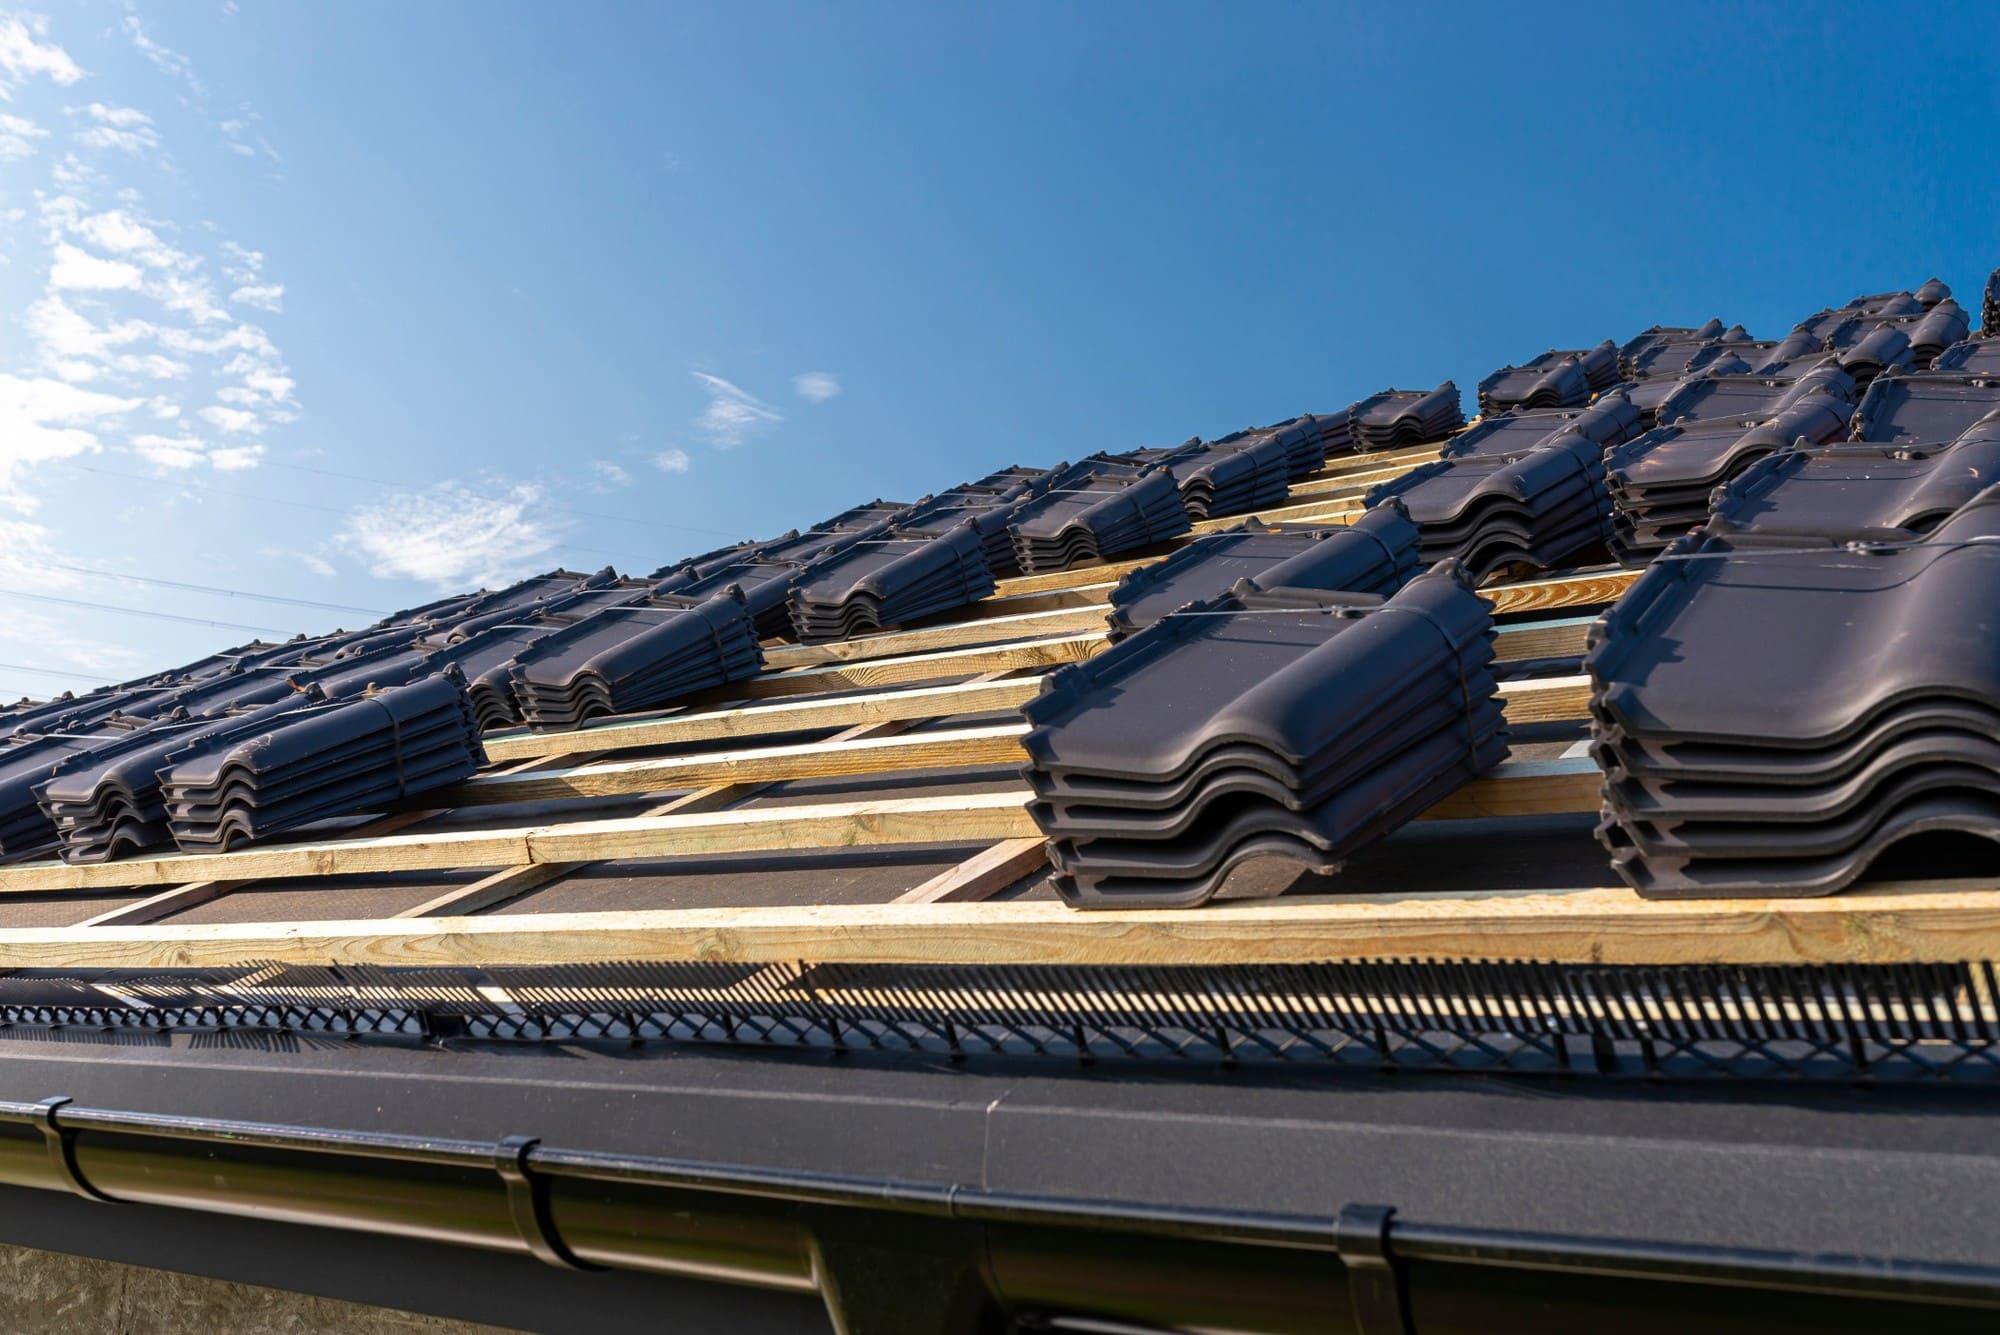 jumta segums no dakstiņa un metāla jumta cenas un iegāde